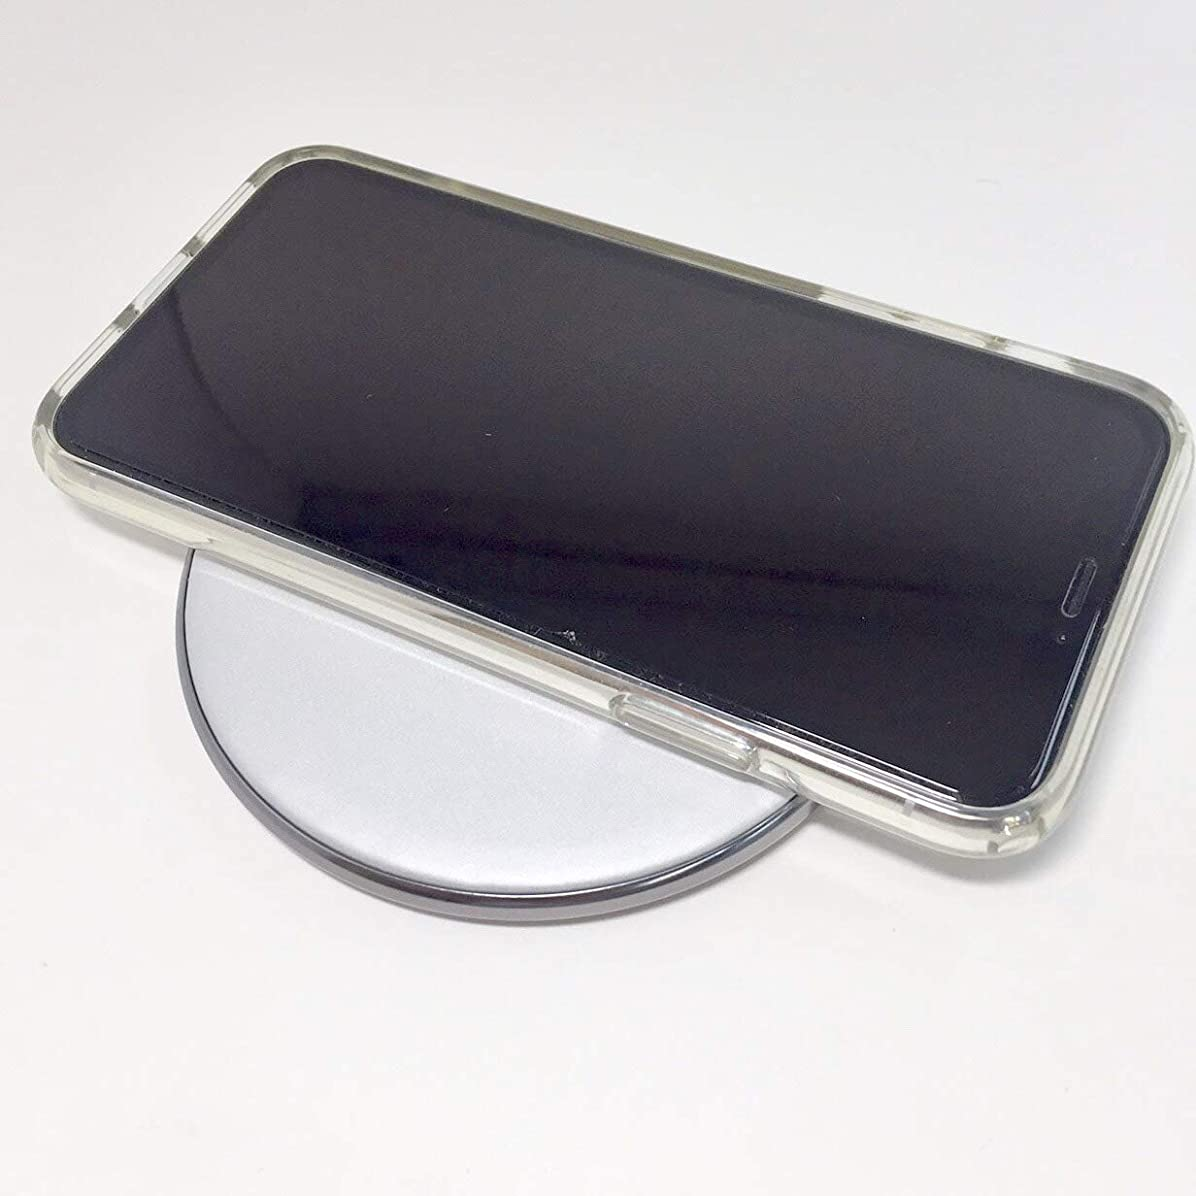 私達かみそりチャーターREMAX RP-W10 ワイヤレス充電器 充電 Qi規格 コンパクト コードレス 持ち運び 簡単 (シルバー)